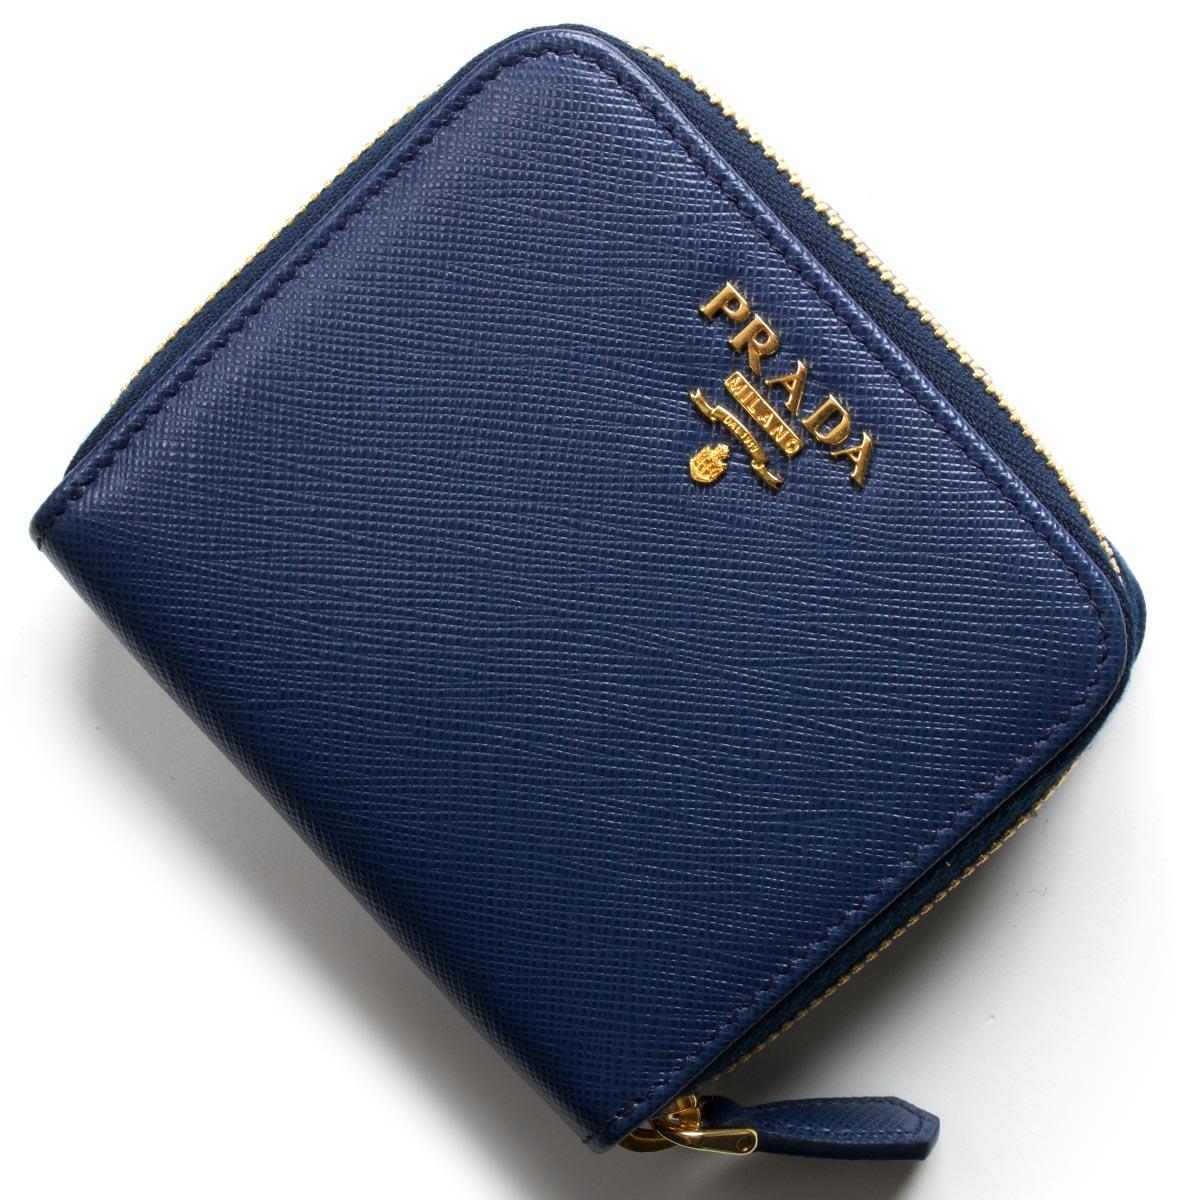 プラダ 二つ折り財布 財布 レディース サフィアーノ メタル ブリエッタブルー 1ML522 QWA F0016 PRADA